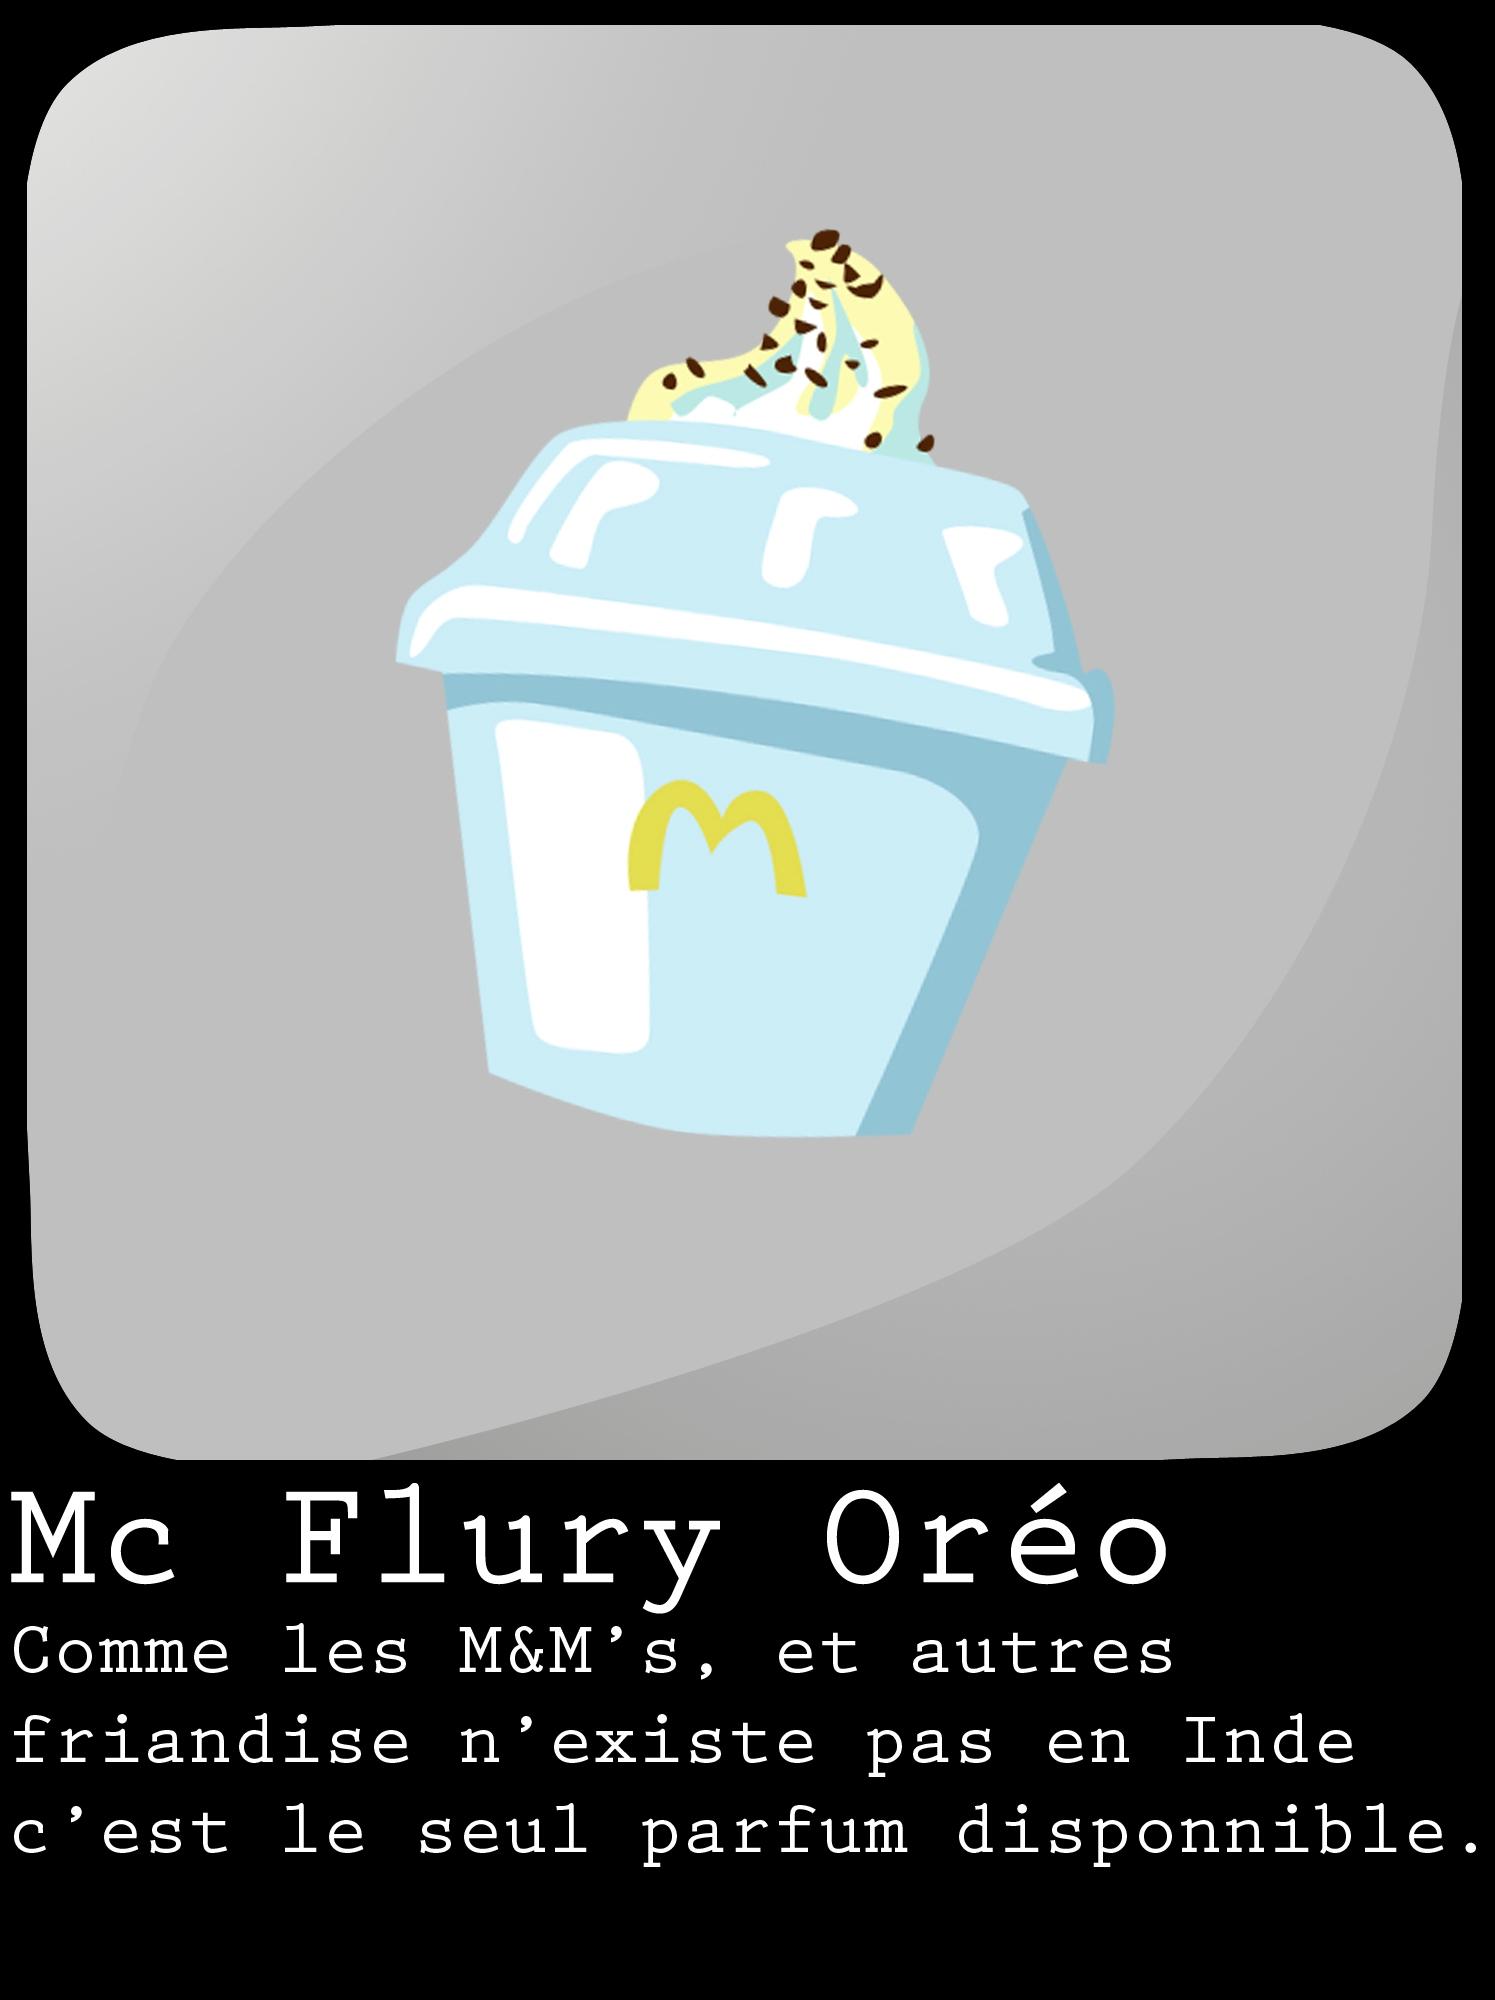 mc flury